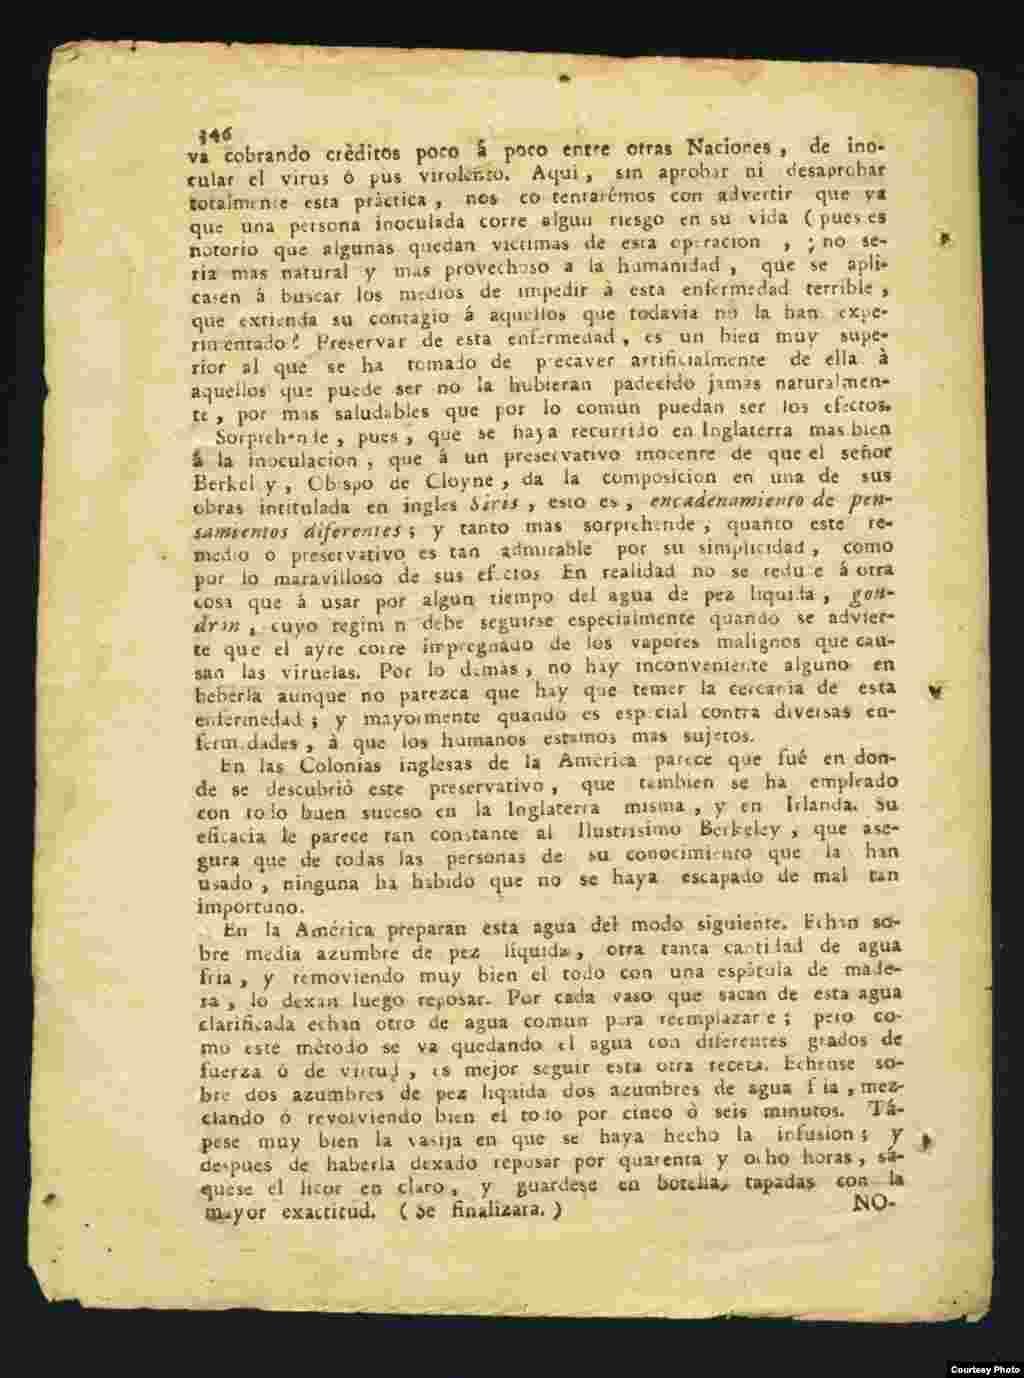 Papel Periódico de La Havana (2)